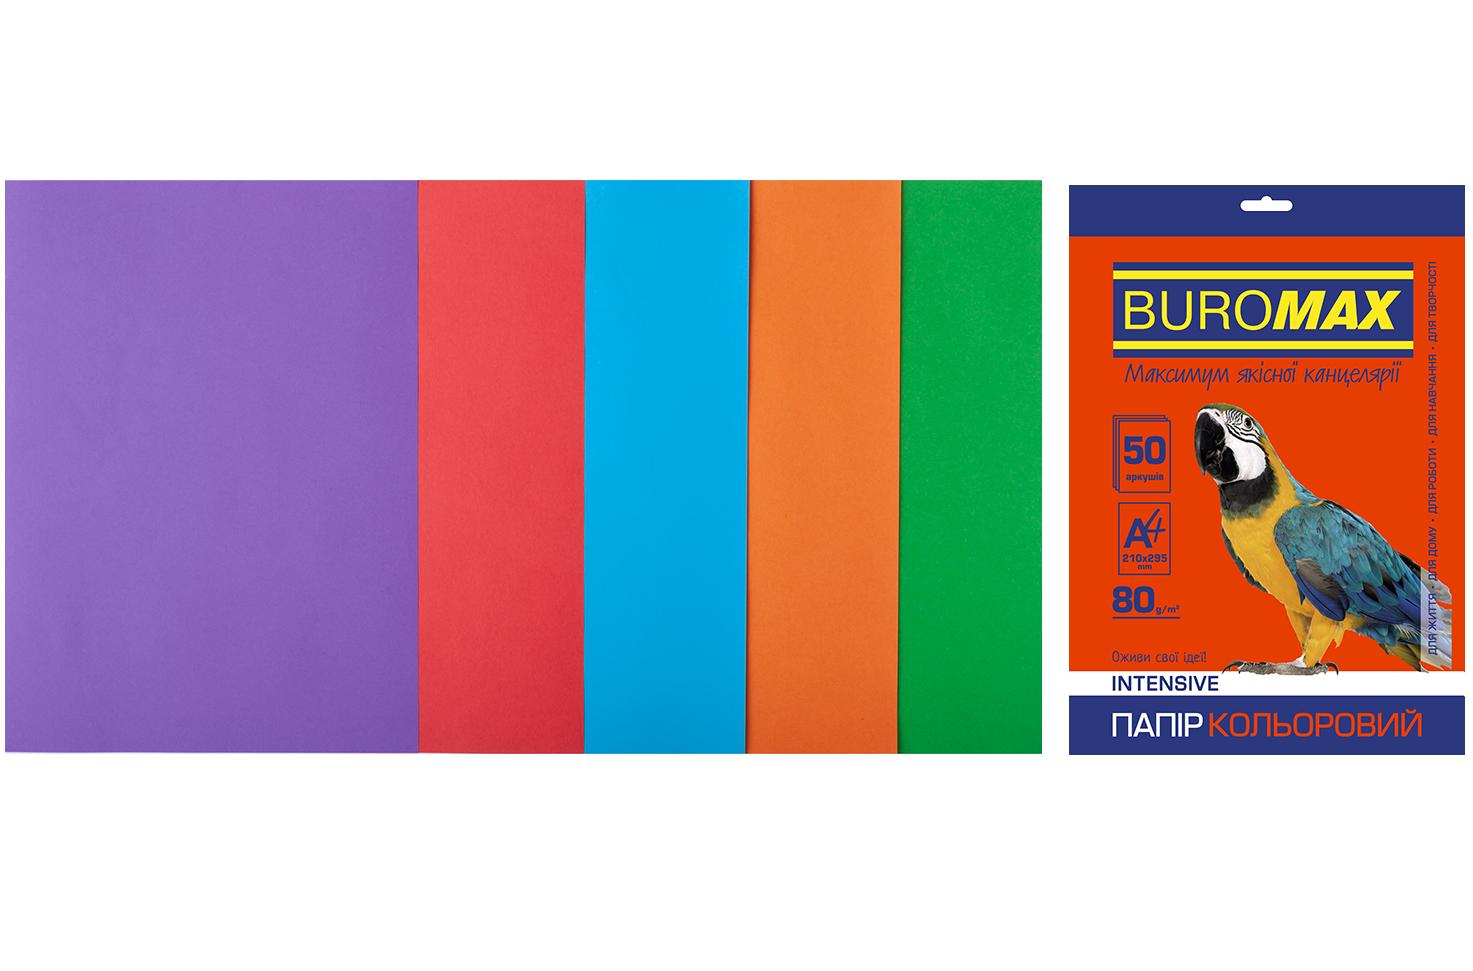 Набор цветной бумаги Buromax INTENSIV, А4, 80г/м2, 50 листов, ассорти